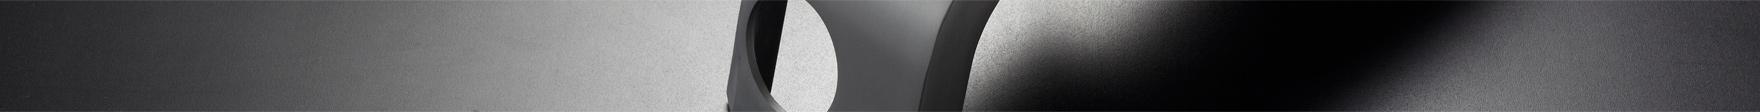 Progettazione di telai in tubo complessi: Giulipas ti supporta